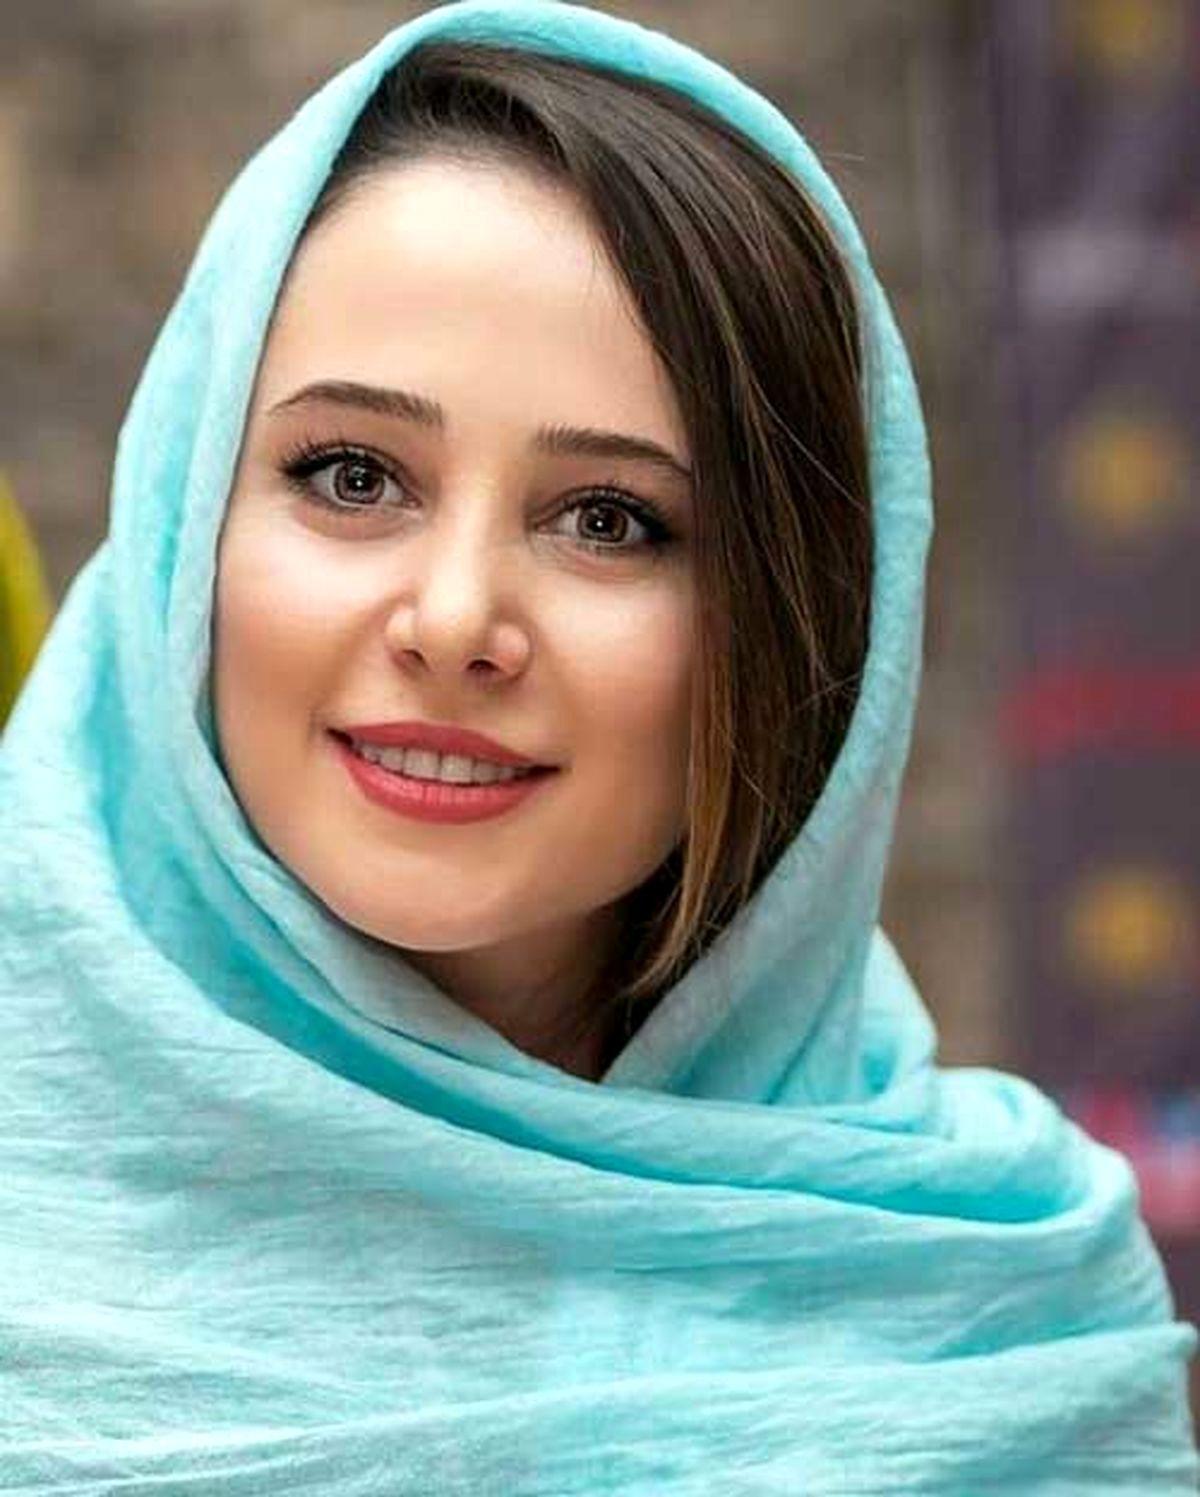 تغییر چهره الناز حبیبی بعد از عمل زیبایی؛ عکس